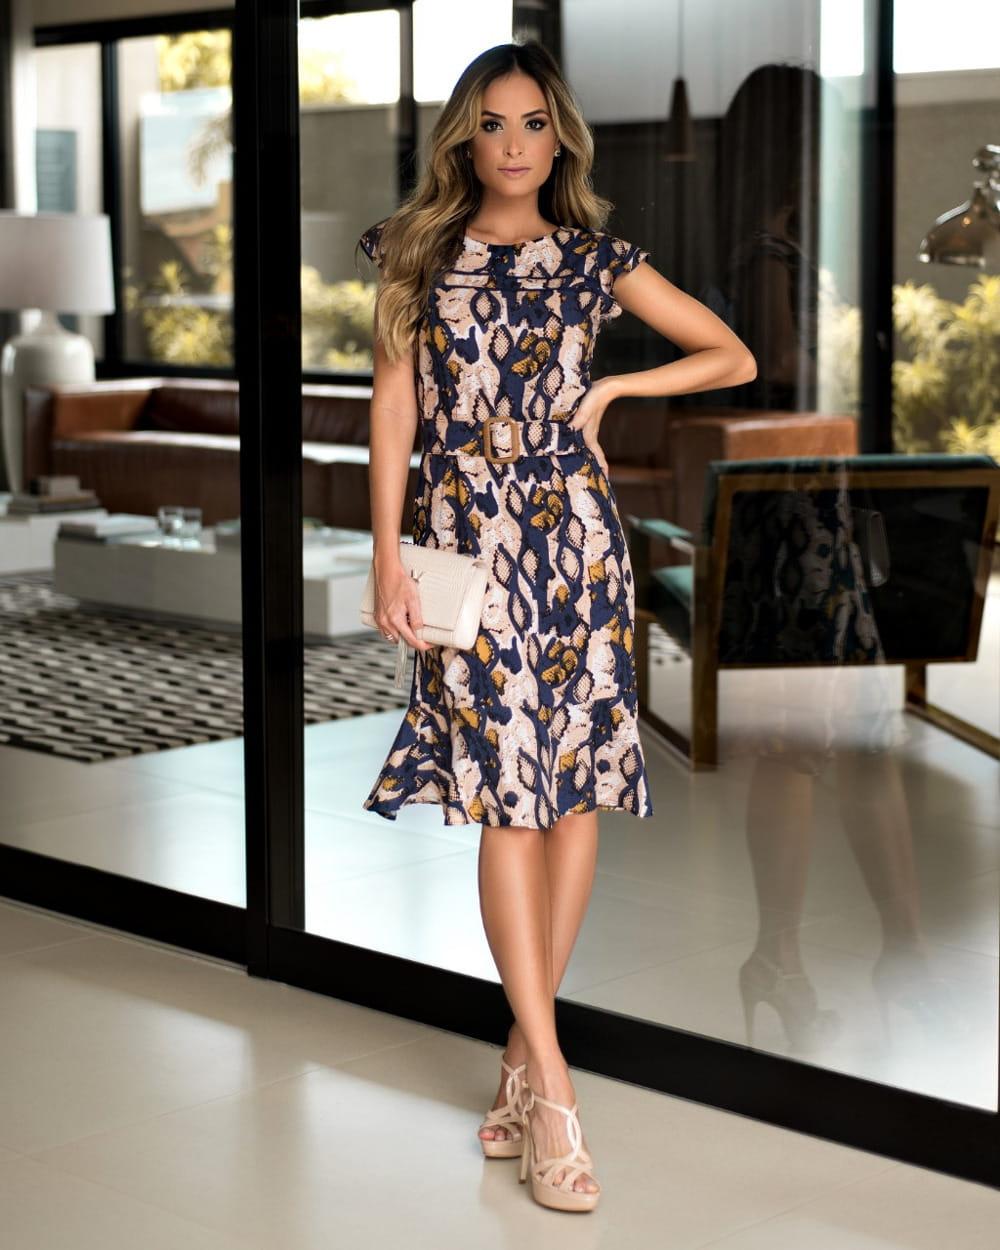 Moda e Conforto: modelo com um vestido slip dress.